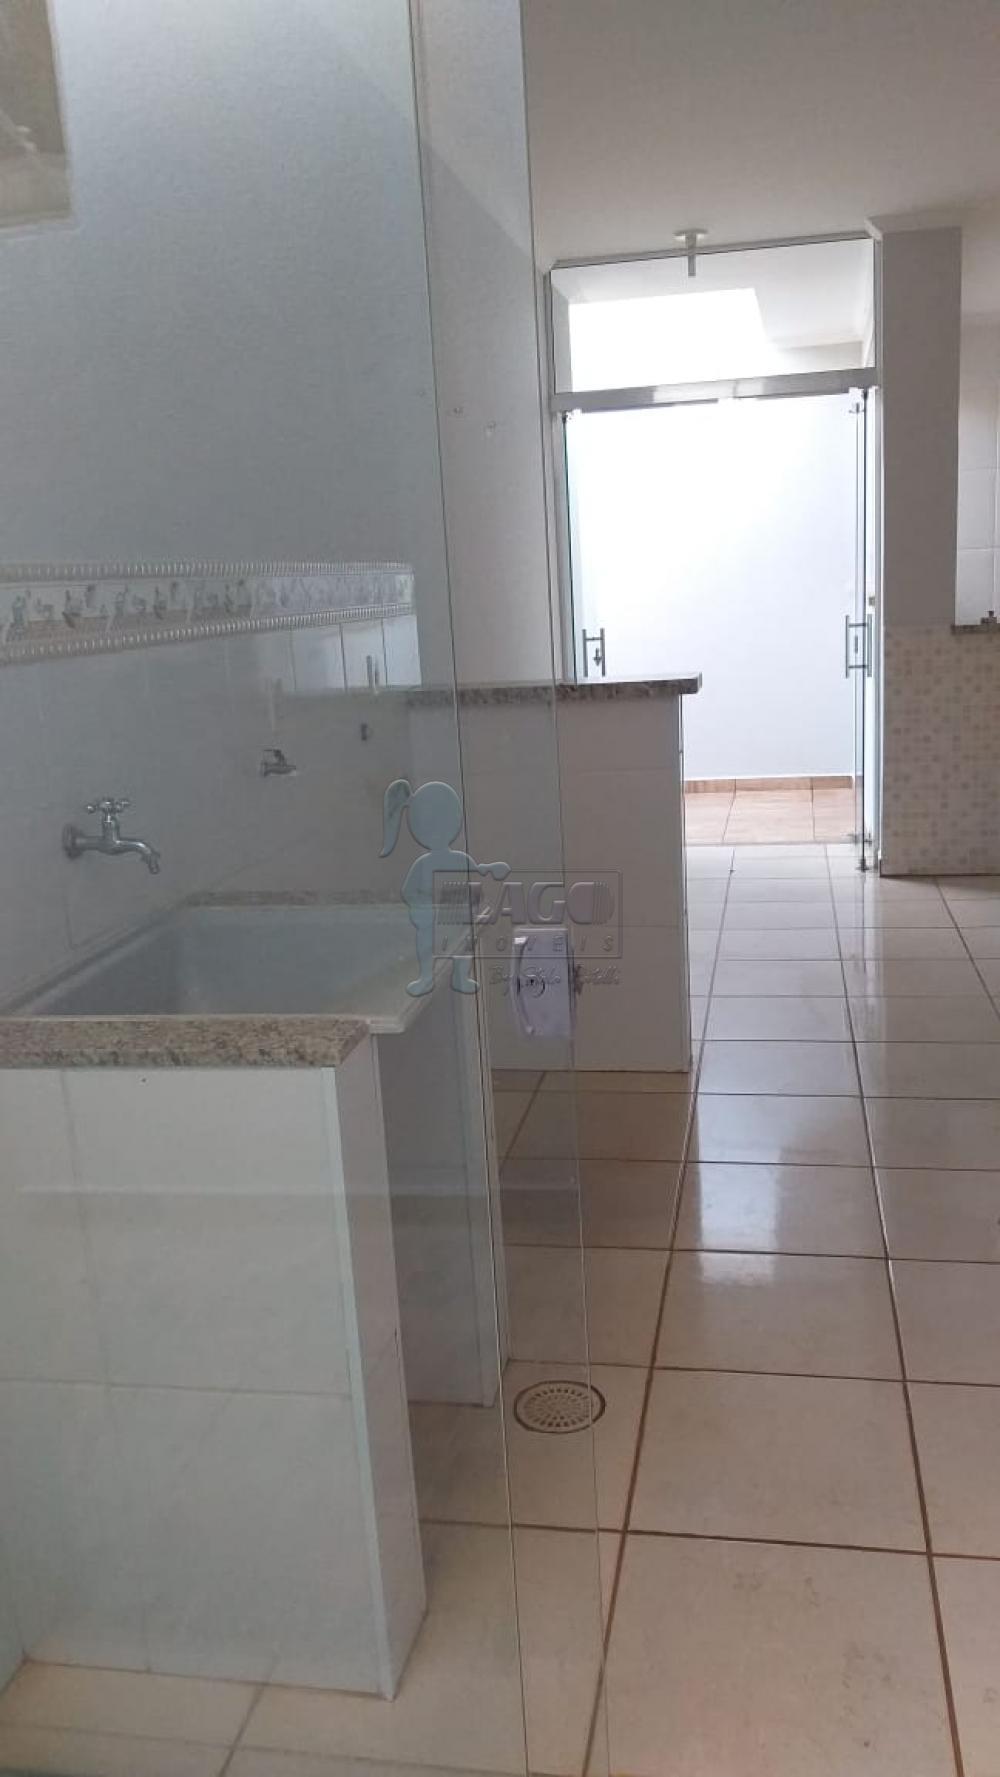 Comprar Casas / Padrão em Ribeirão Preto apenas R$ 220.000,00 - Foto 13